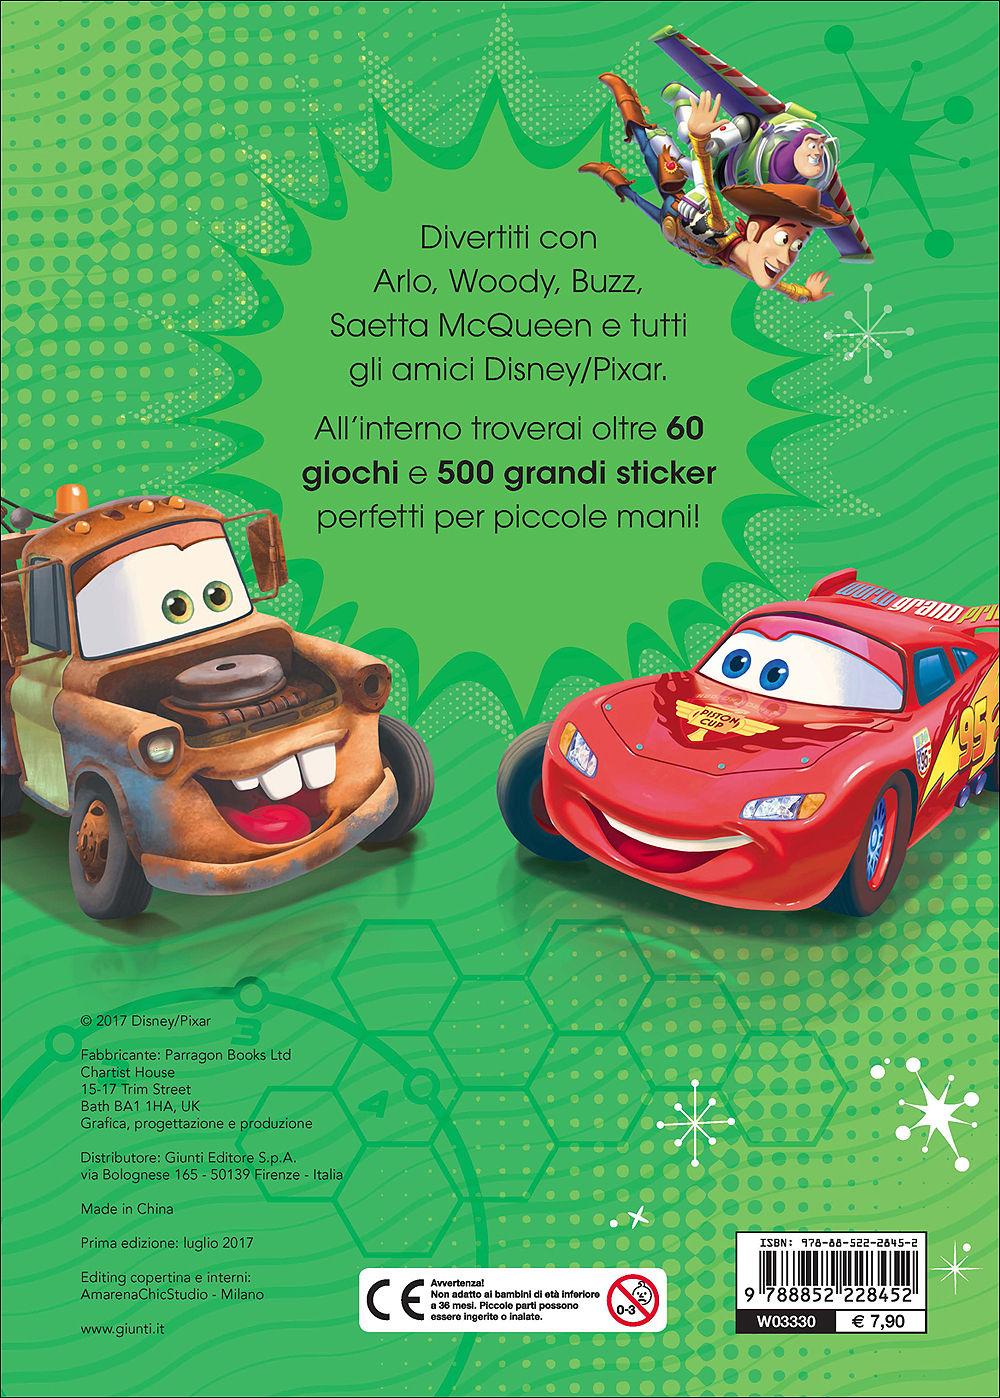 500/1000 Stickers - Disney-Pixar. Fantastici Amici